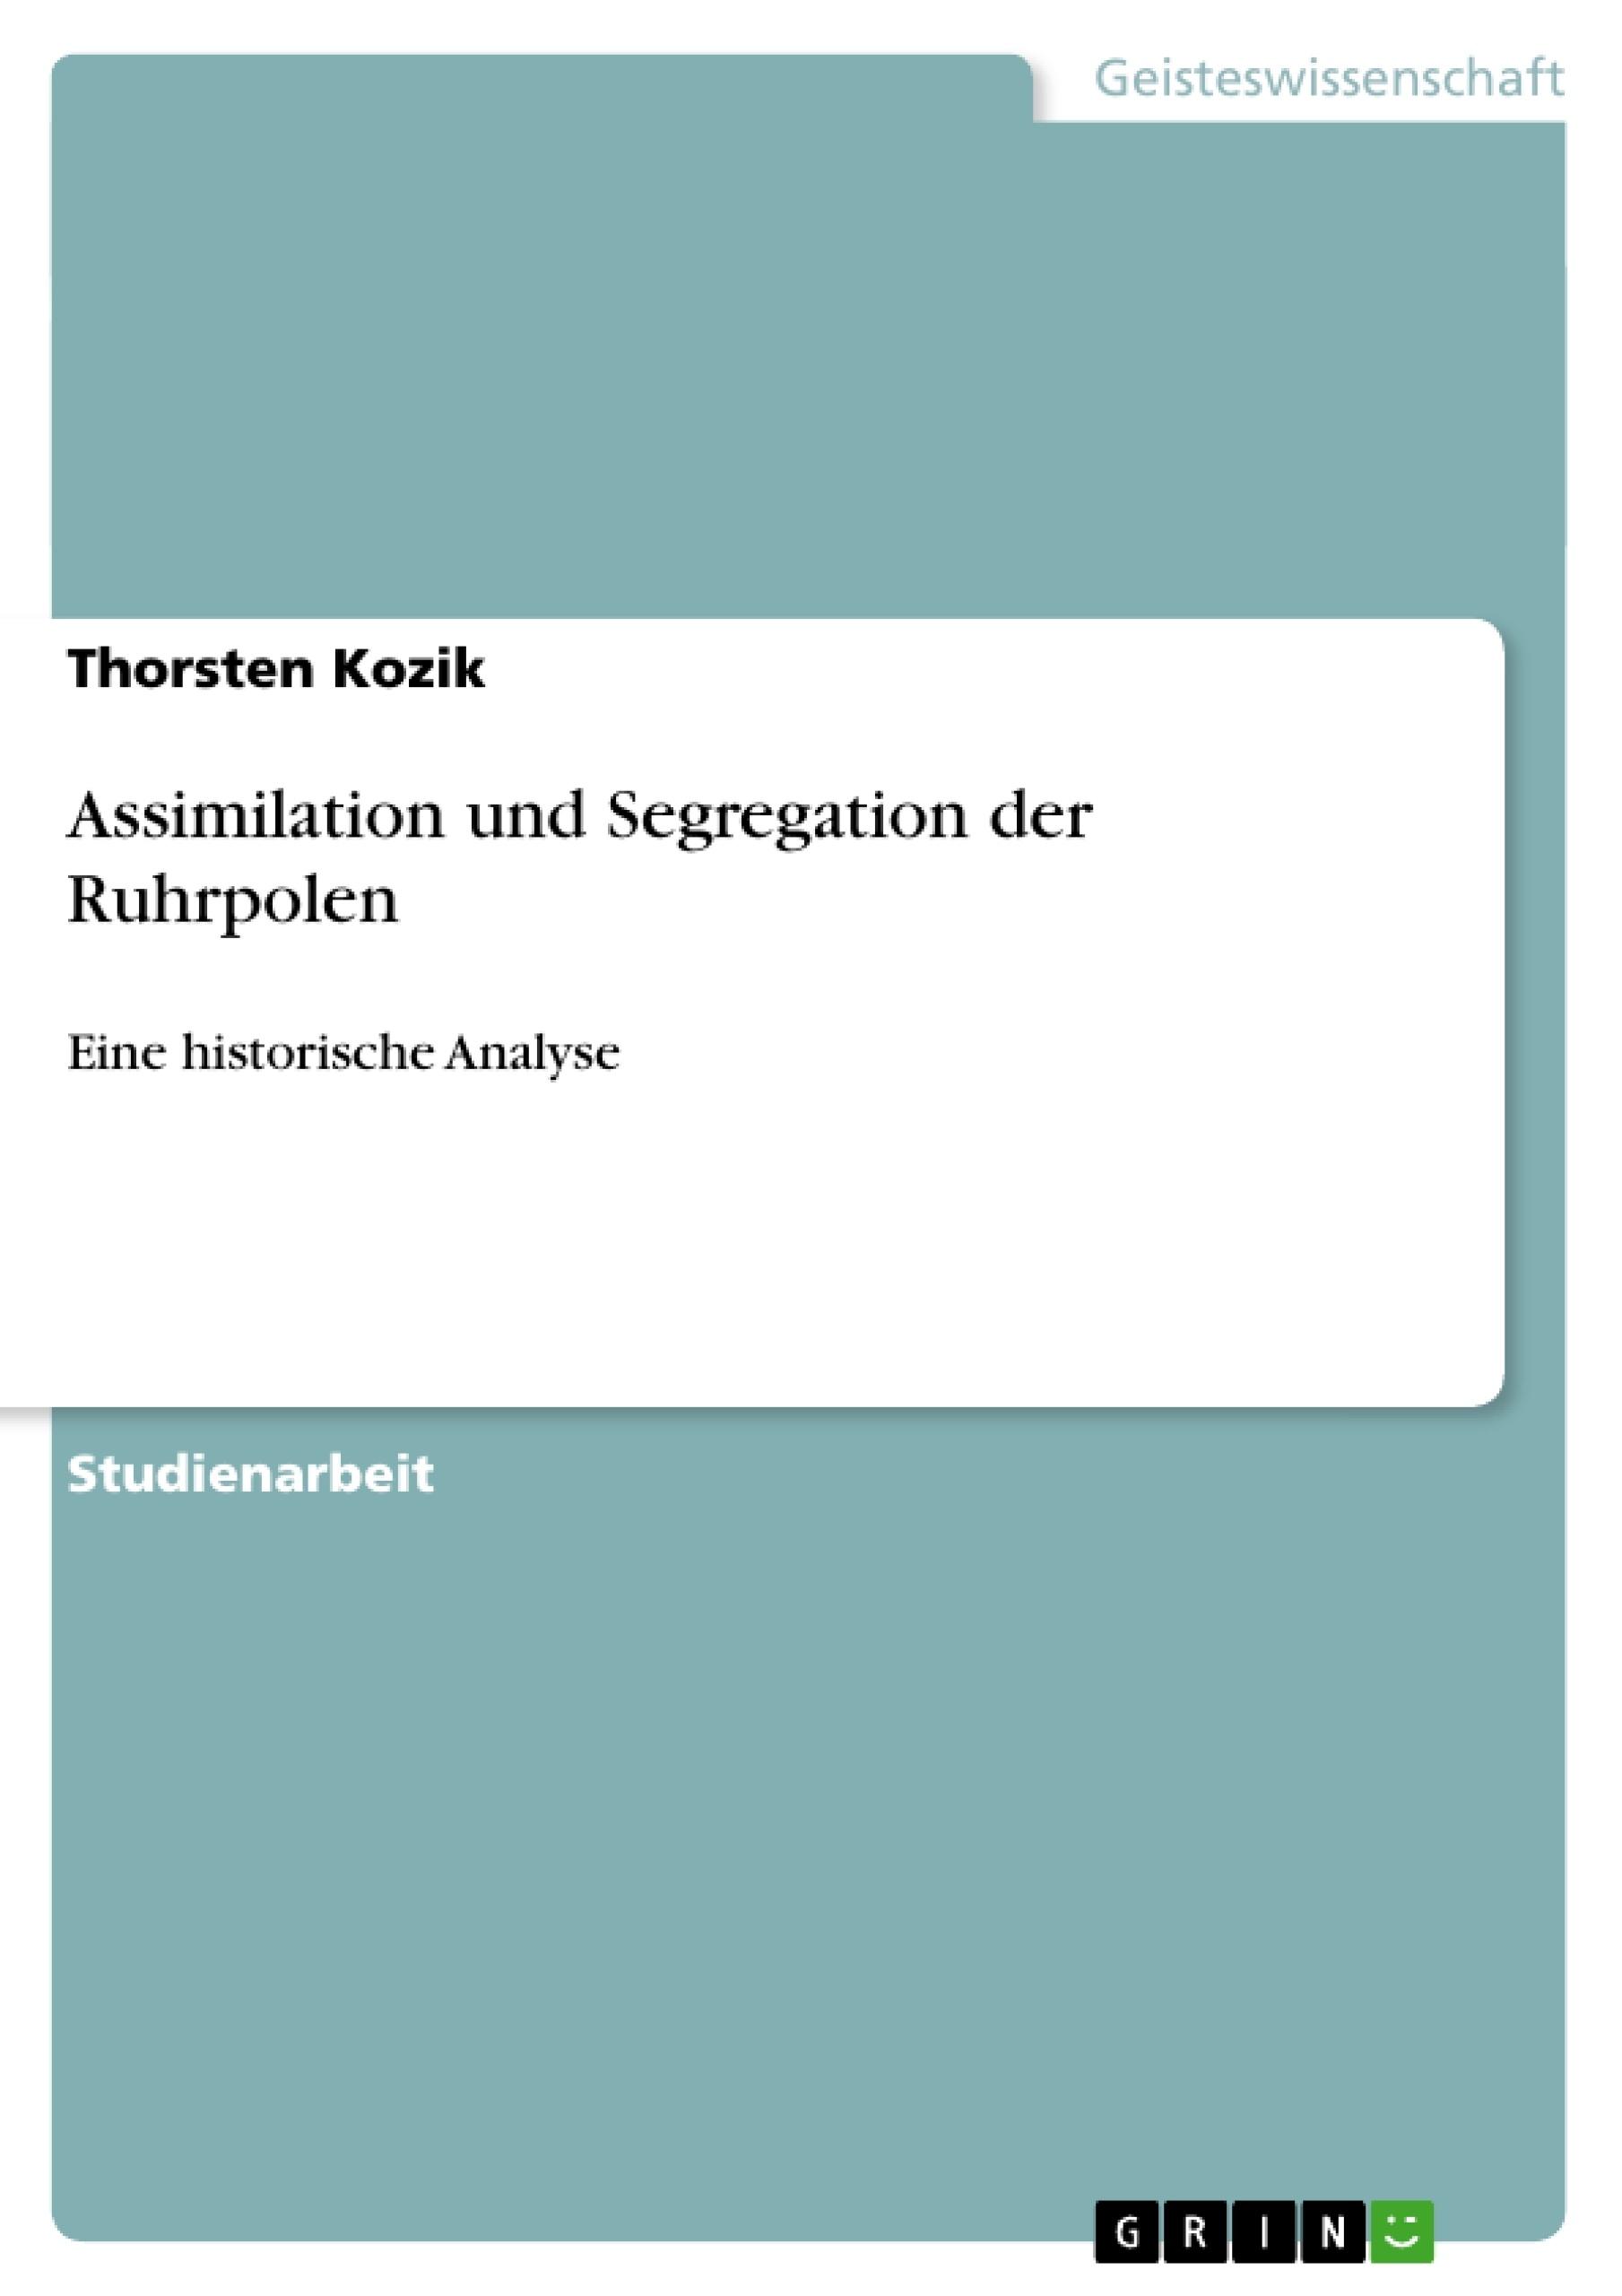 Titel: Assimilation und Segregation der Ruhrpolen